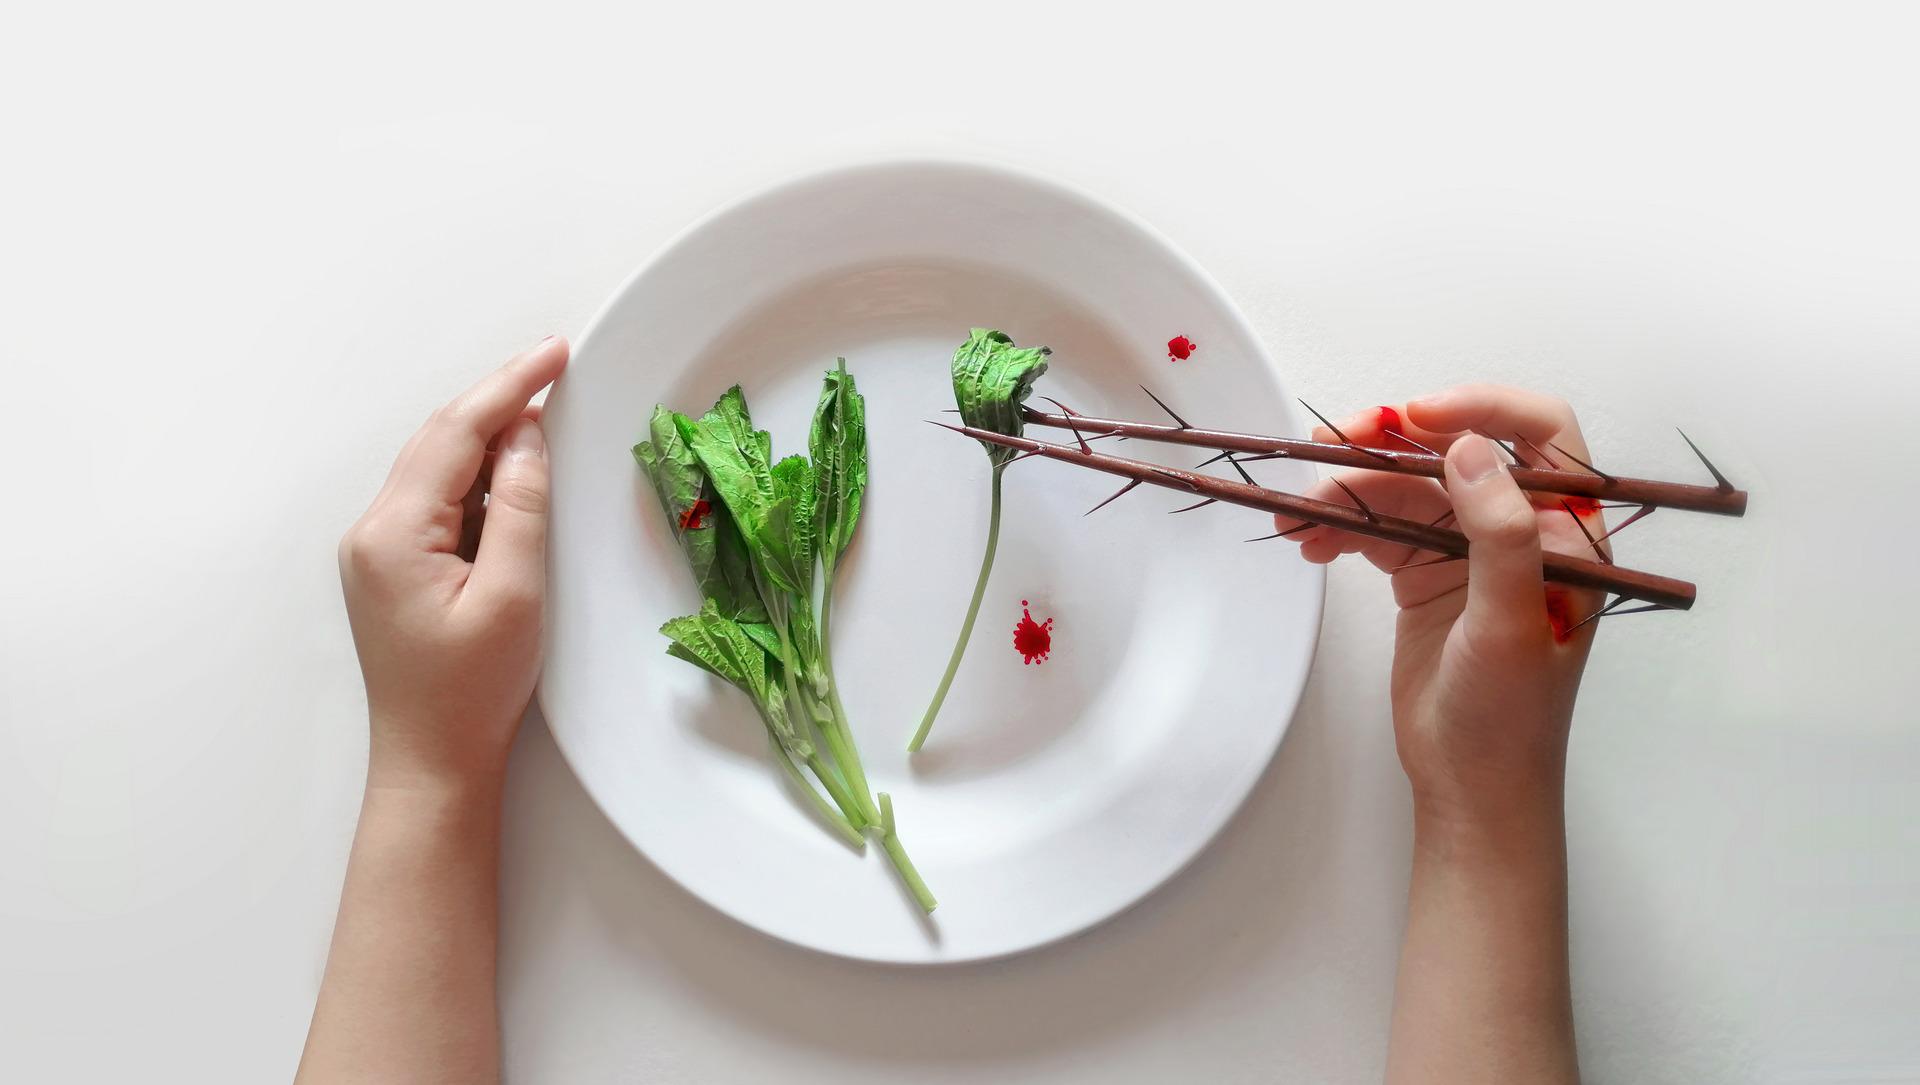 Diet trainer — Chopsticks